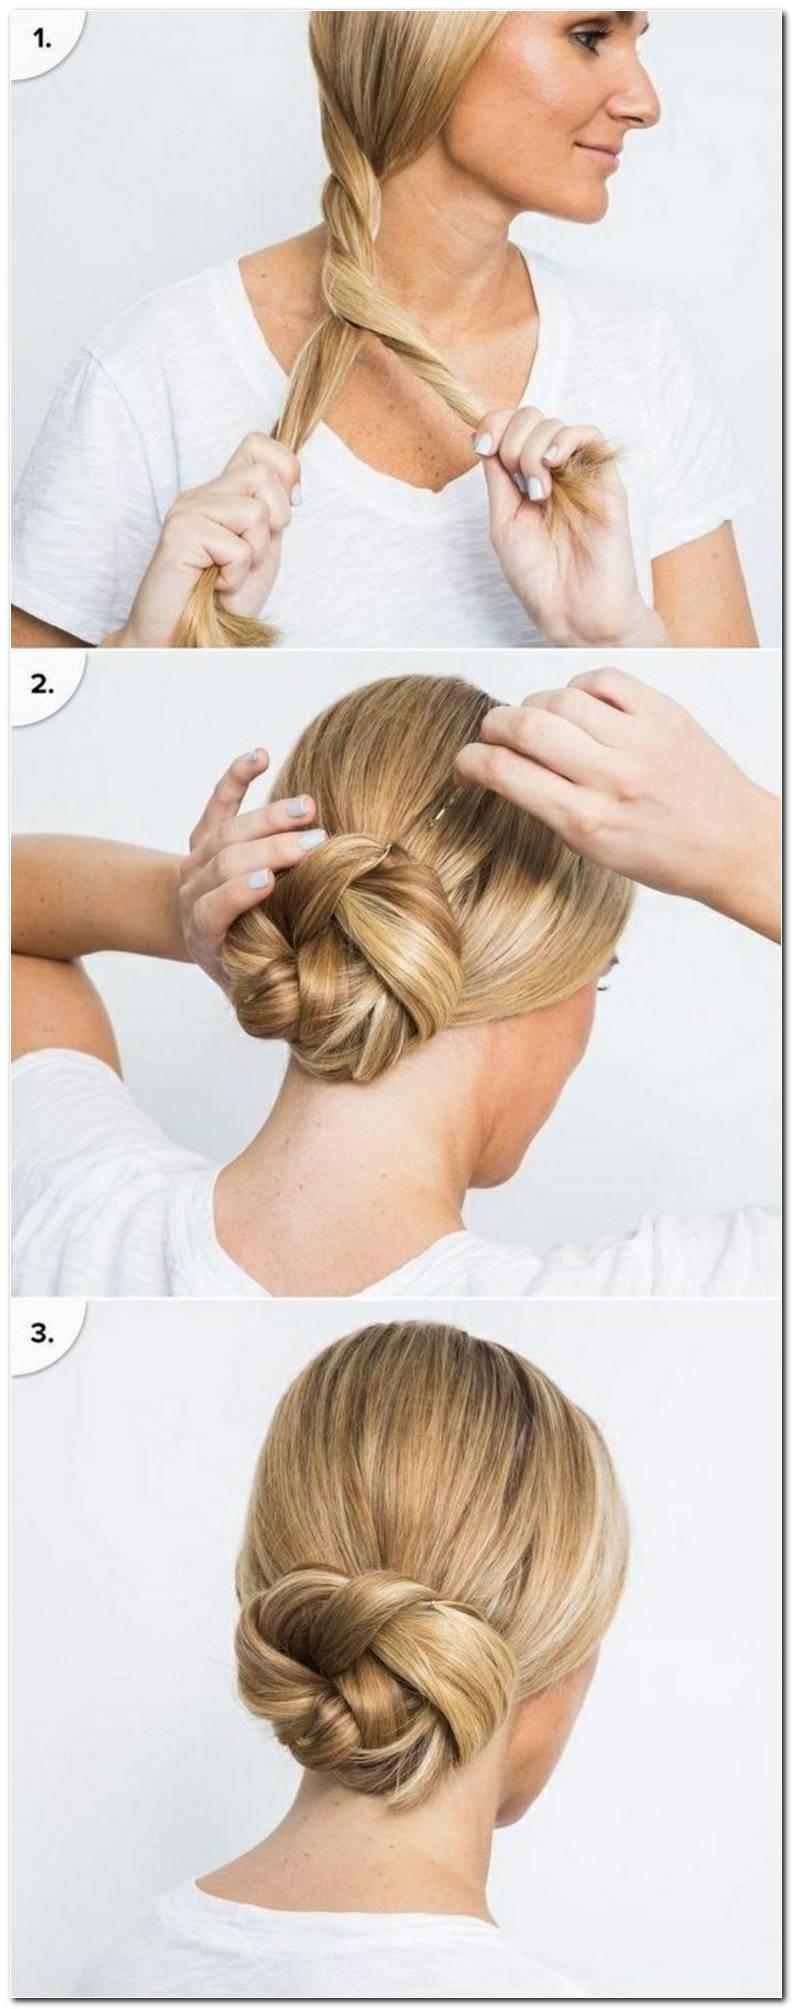 Frisuren Frauen Mittellang Hochstecken